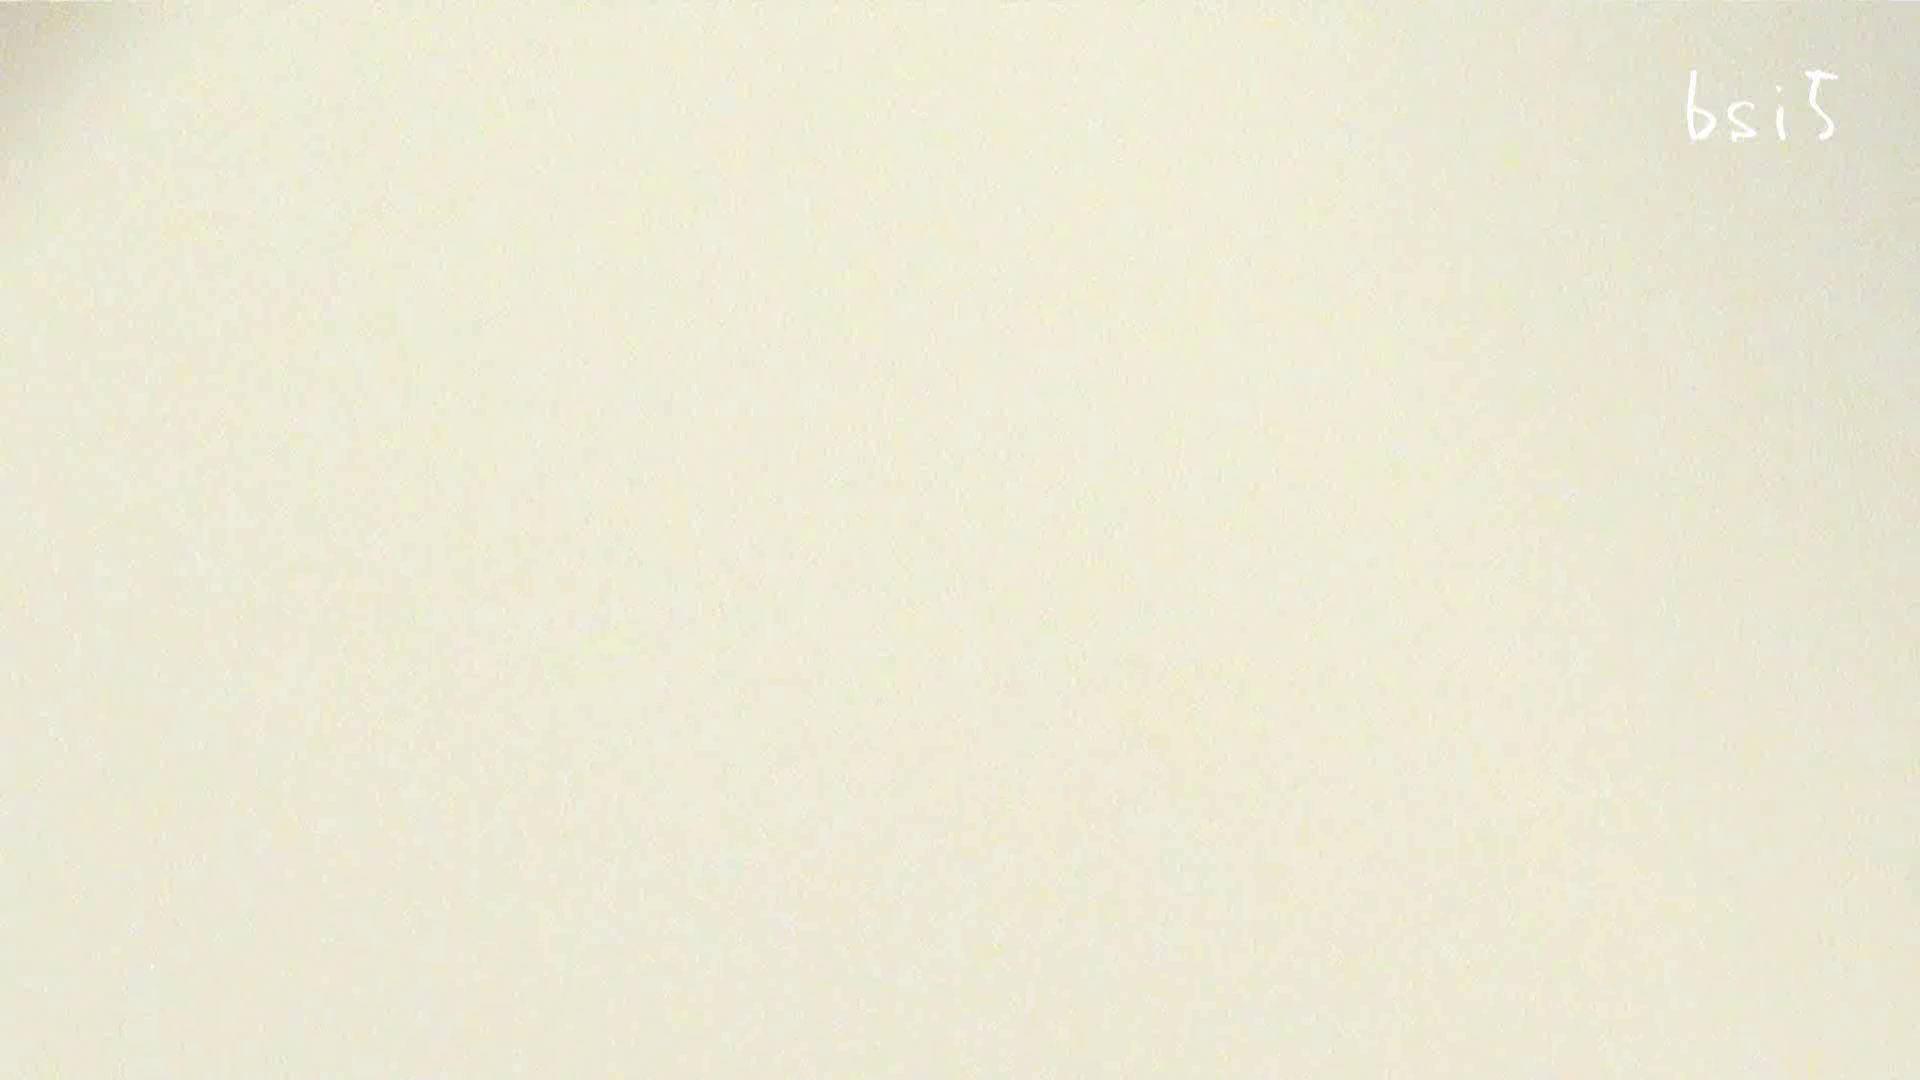 ナースのお小水 vol.005 ナース   ぱっくり下半身  56画像 55